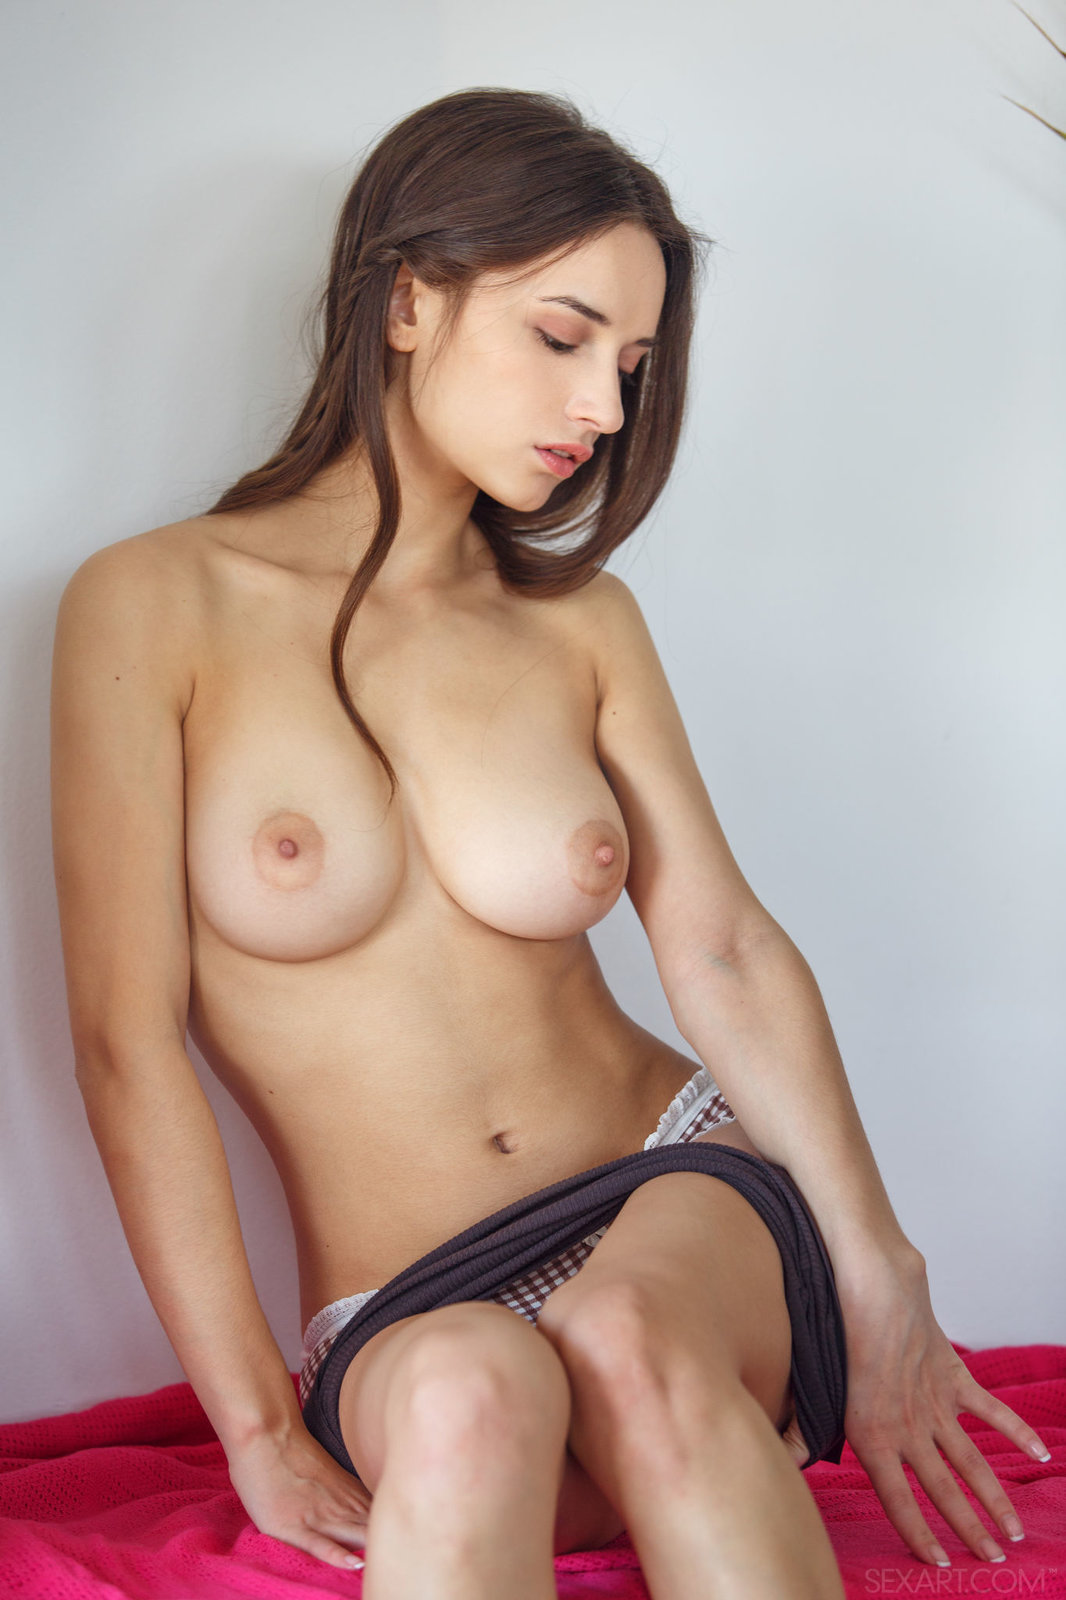 Zdjęcie porno - 0618 - Fajna dupeczka w majteczkach